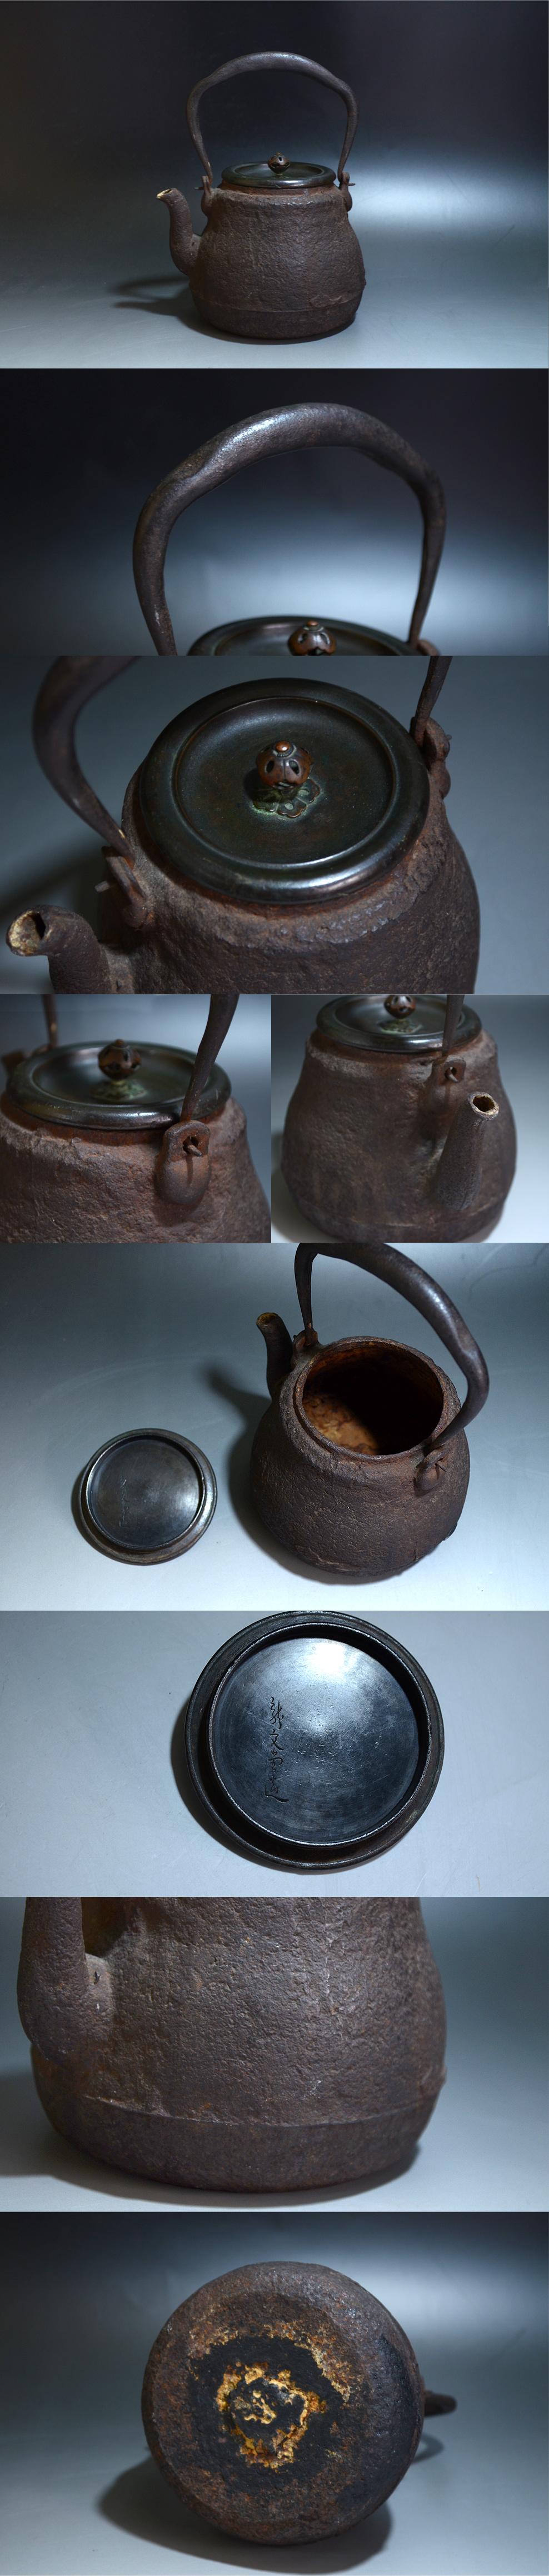 Japanese antique concrete background tea pot kettle